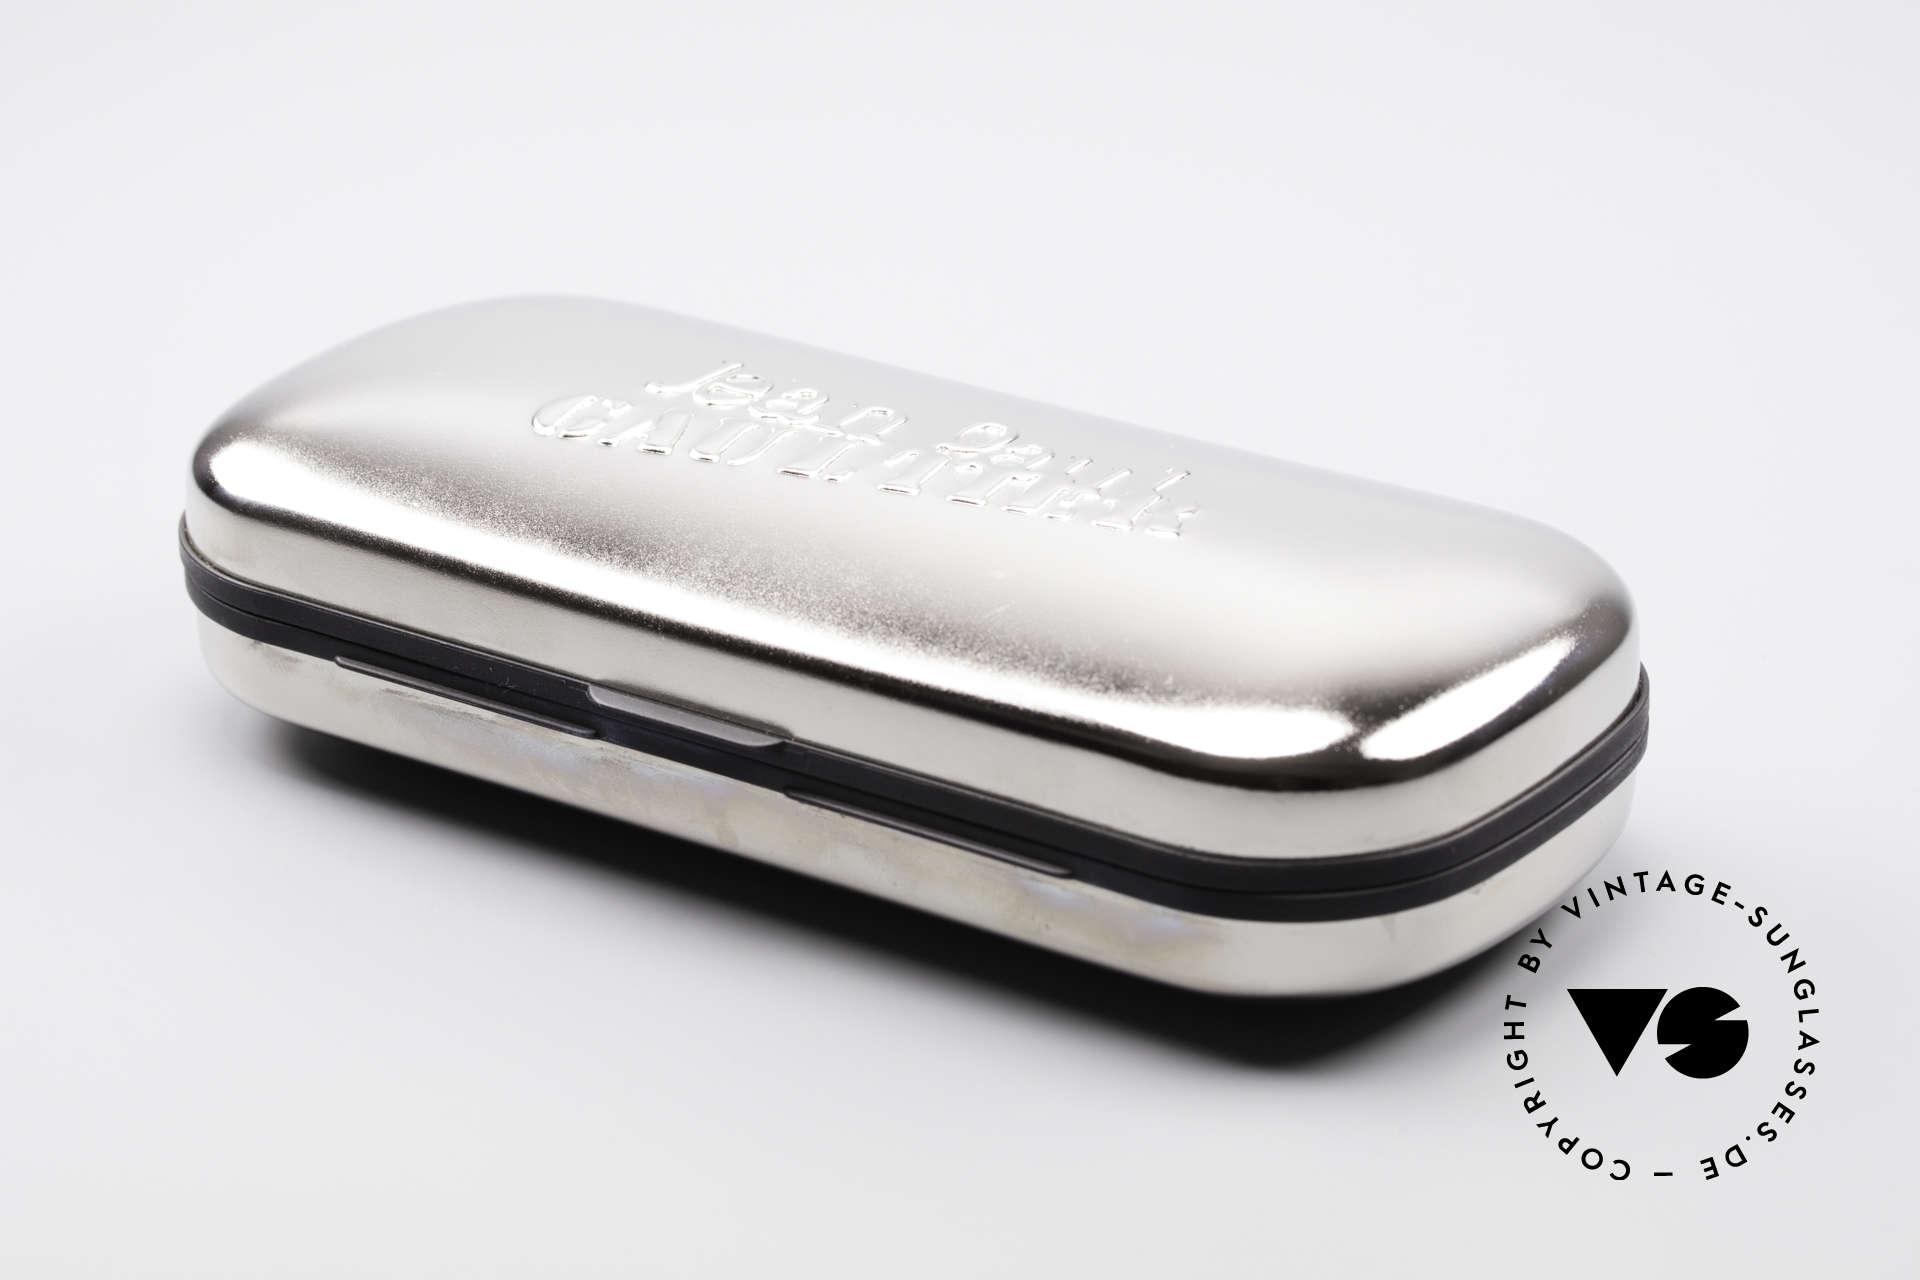 Jean Paul Gaultier 10 Cases Alte Original Gaultier Etuis, Größe: extra large, Passend für Herren und Damen